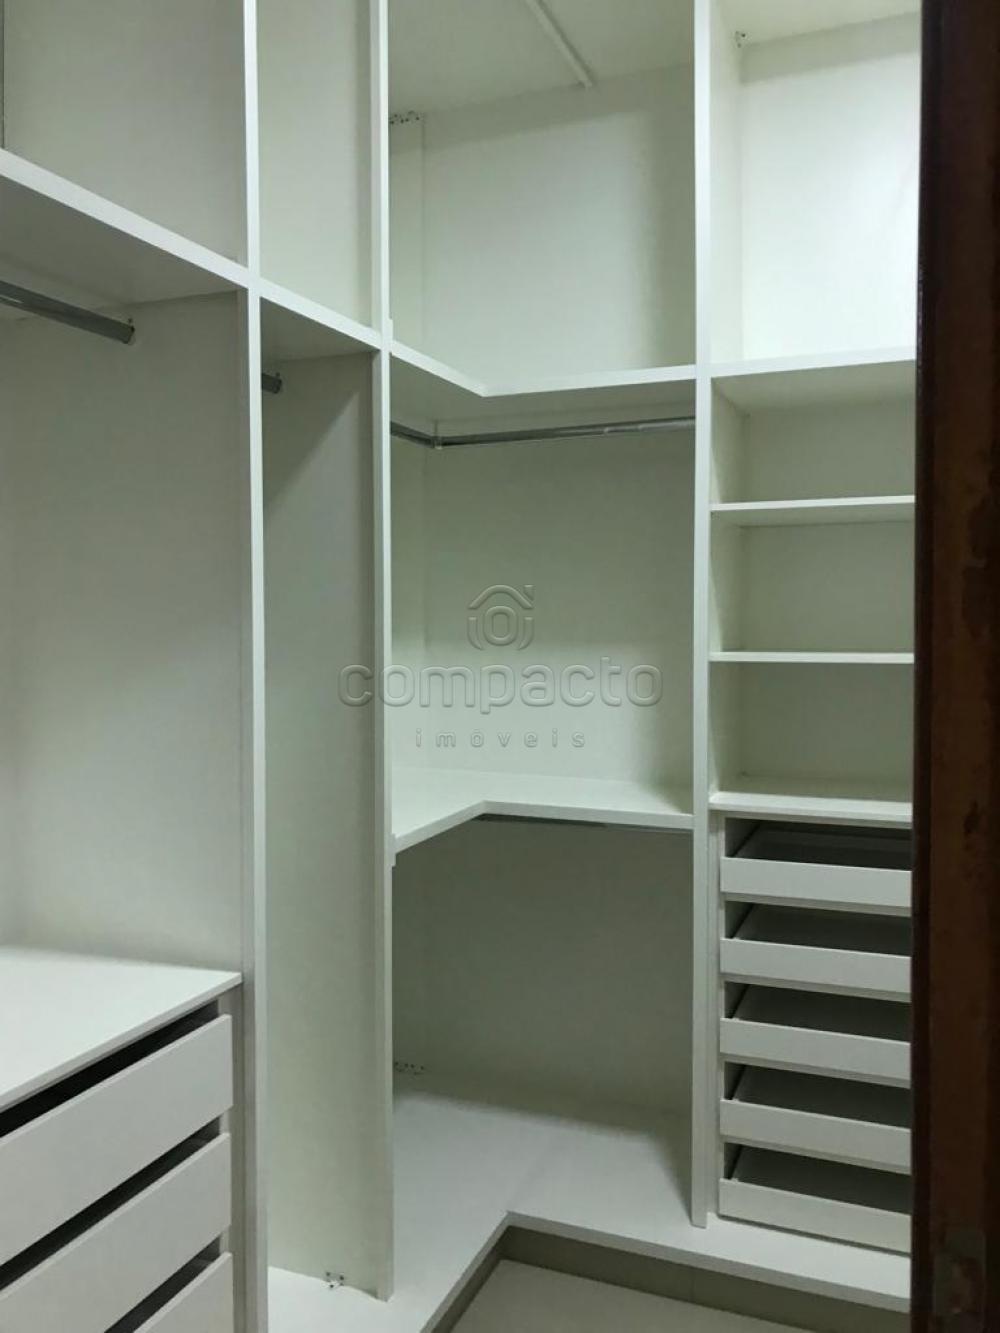 Comprar Casa / Condomínio em São José do Rio Preto apenas R$ 680.000,00 - Foto 7